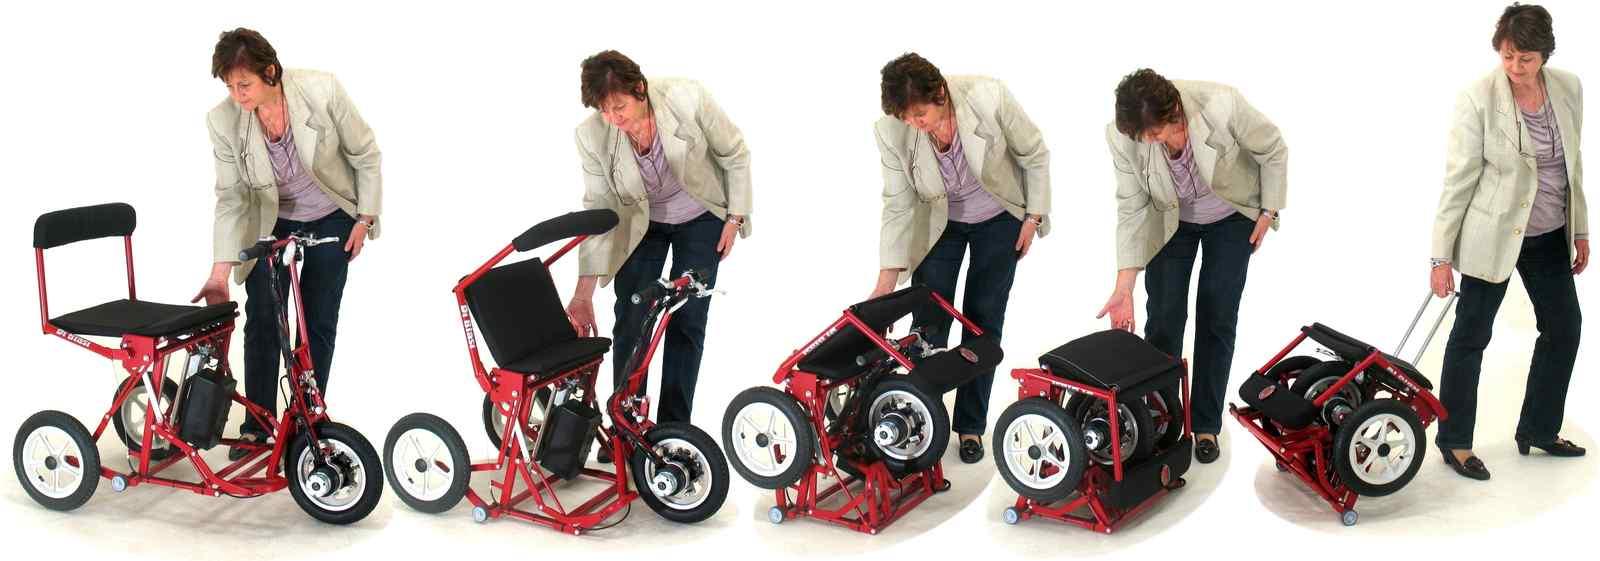 Scooterelettrico pieghevole automaticamente DI BLASI Mod. R30